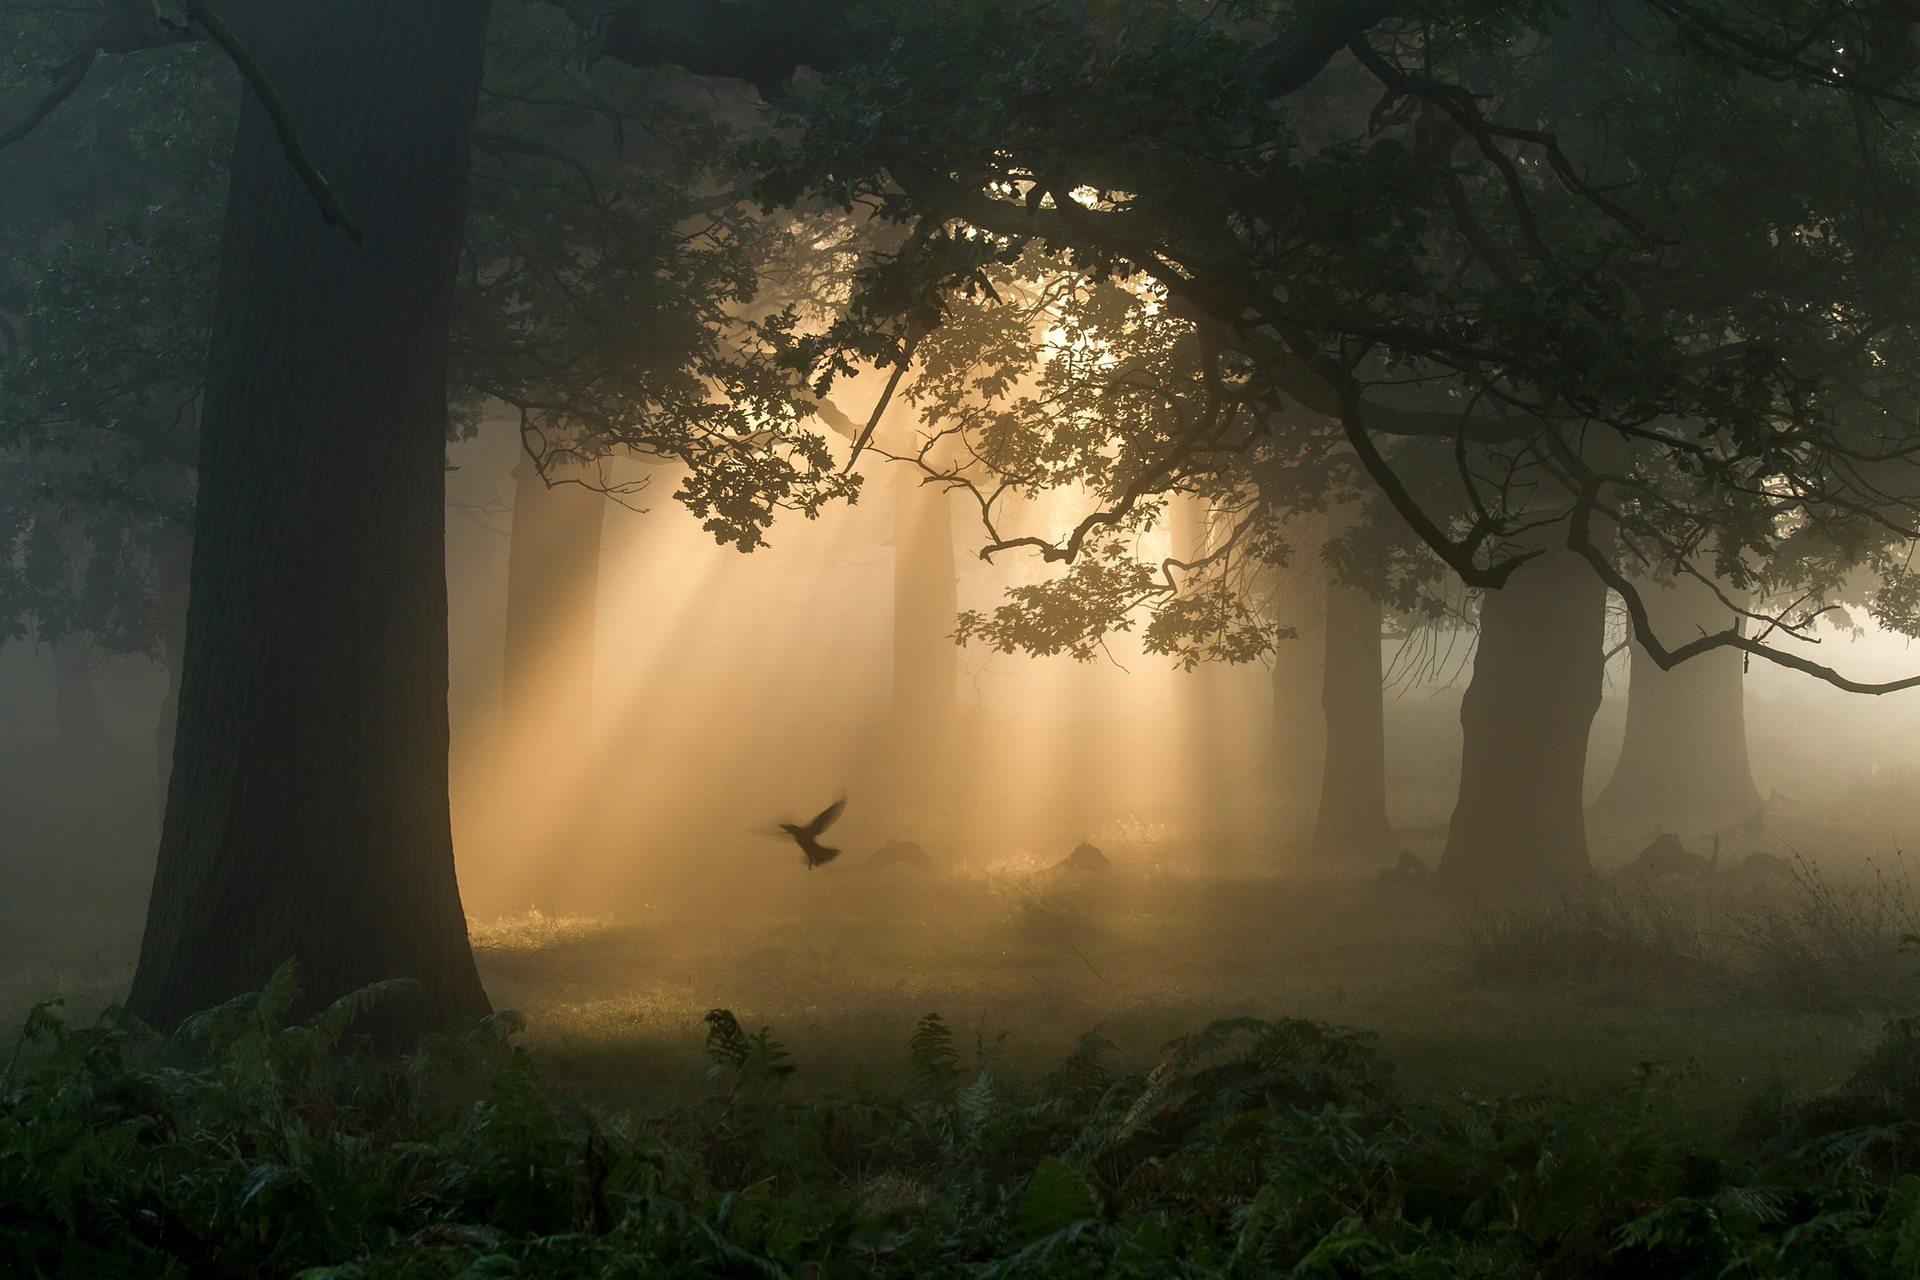 """""""Uma palpitação na floresta"""", por Chaitanya Deshpande - vencedora na categoria florestas selvagens. Fotografia feita em Londres, na Inglaterra"""